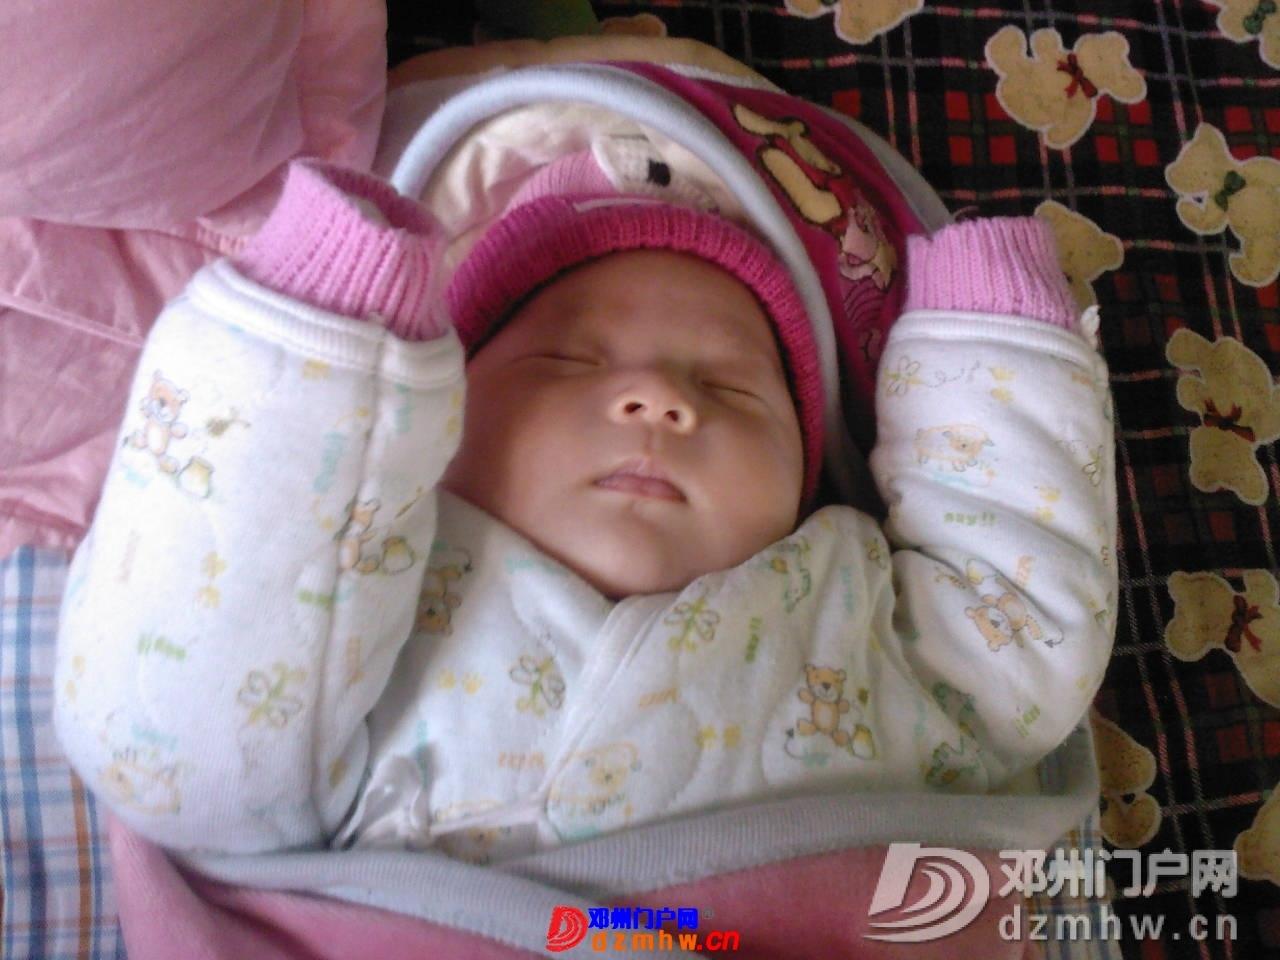 我的宝宝四十六天了,来晒一晒,看谁认识,呵呵 - 邓州门户网|邓州网 - 1f02a57q185b6.jpg